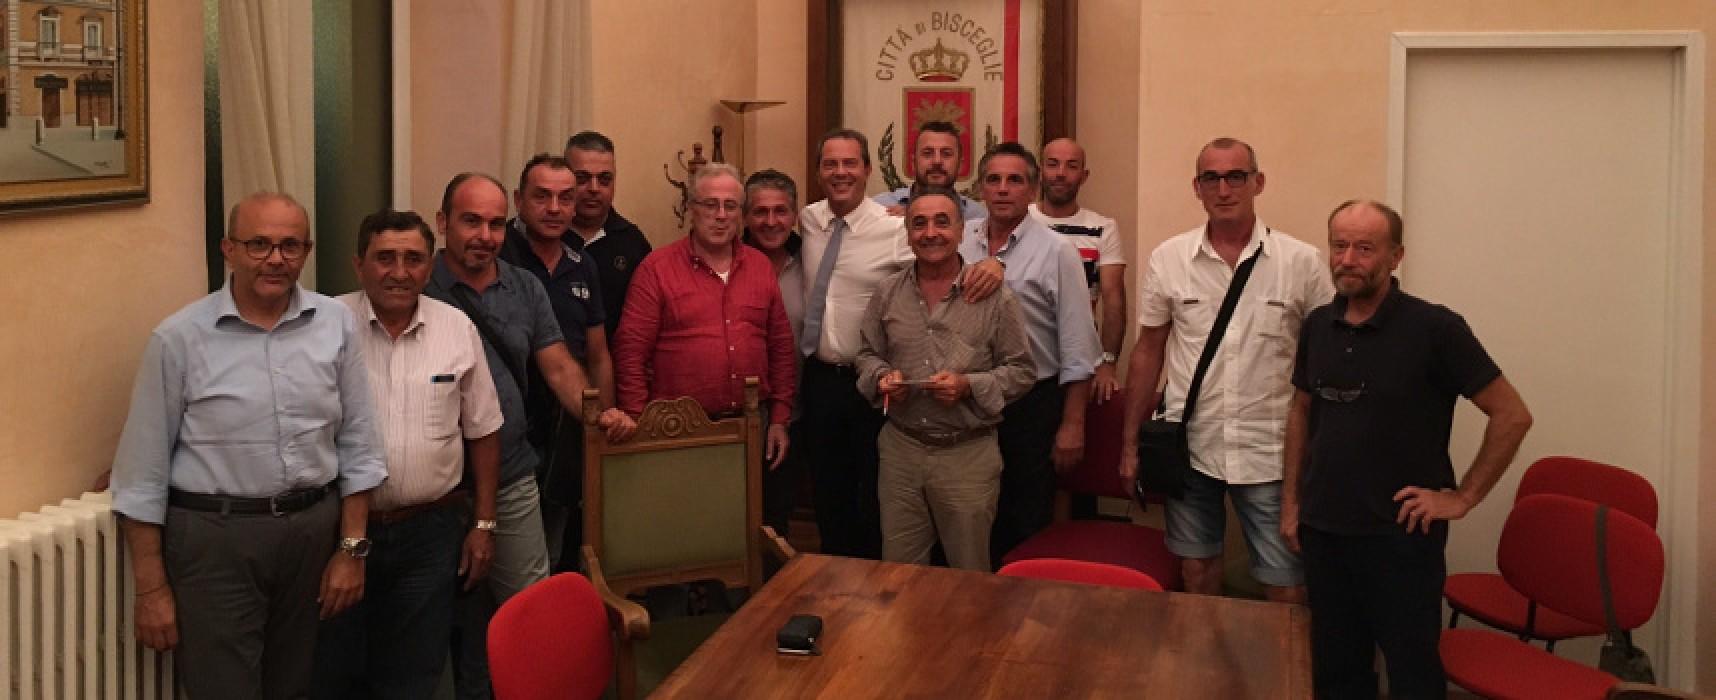 Accordo tra Cgil e imprenditori ortofrutta biscegliesi, salario a 55 euro giornalieri